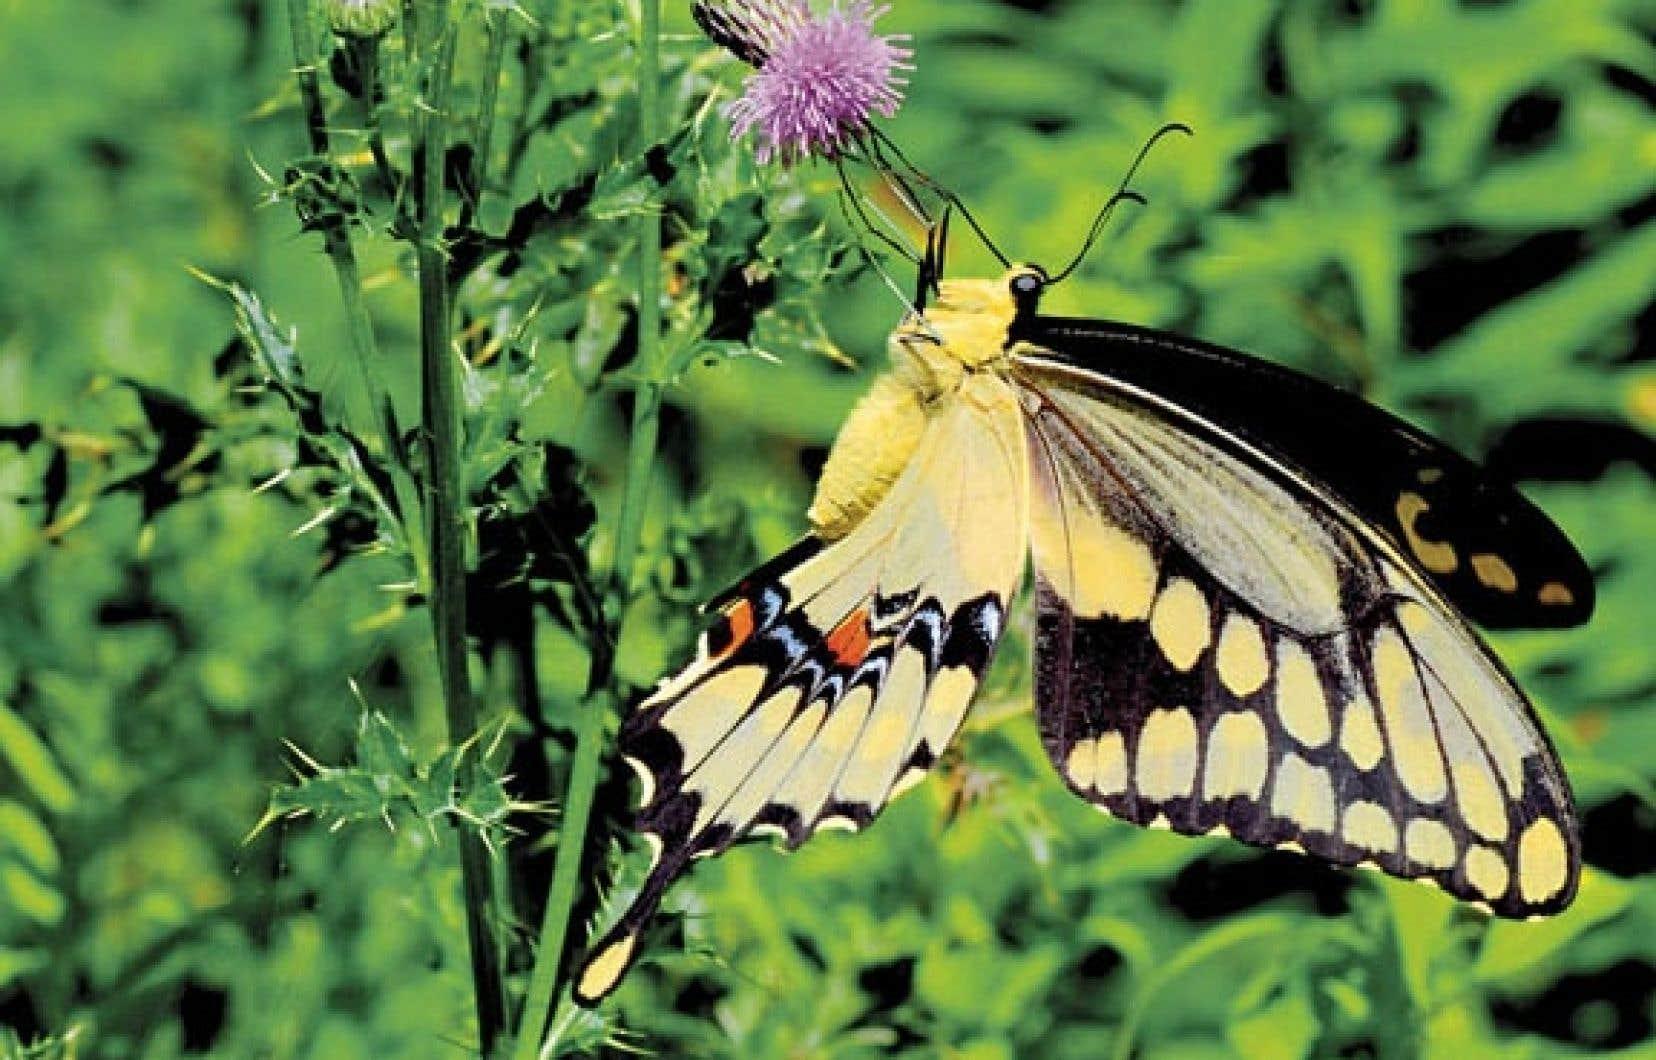 Un grand porte-queue photographié l'an dernier dans le comté de Prince Edward, près du lac Ontario, où l'espèce est établie depuis 2007. La taille de ce papillon peut atteindre 15 centimètres.